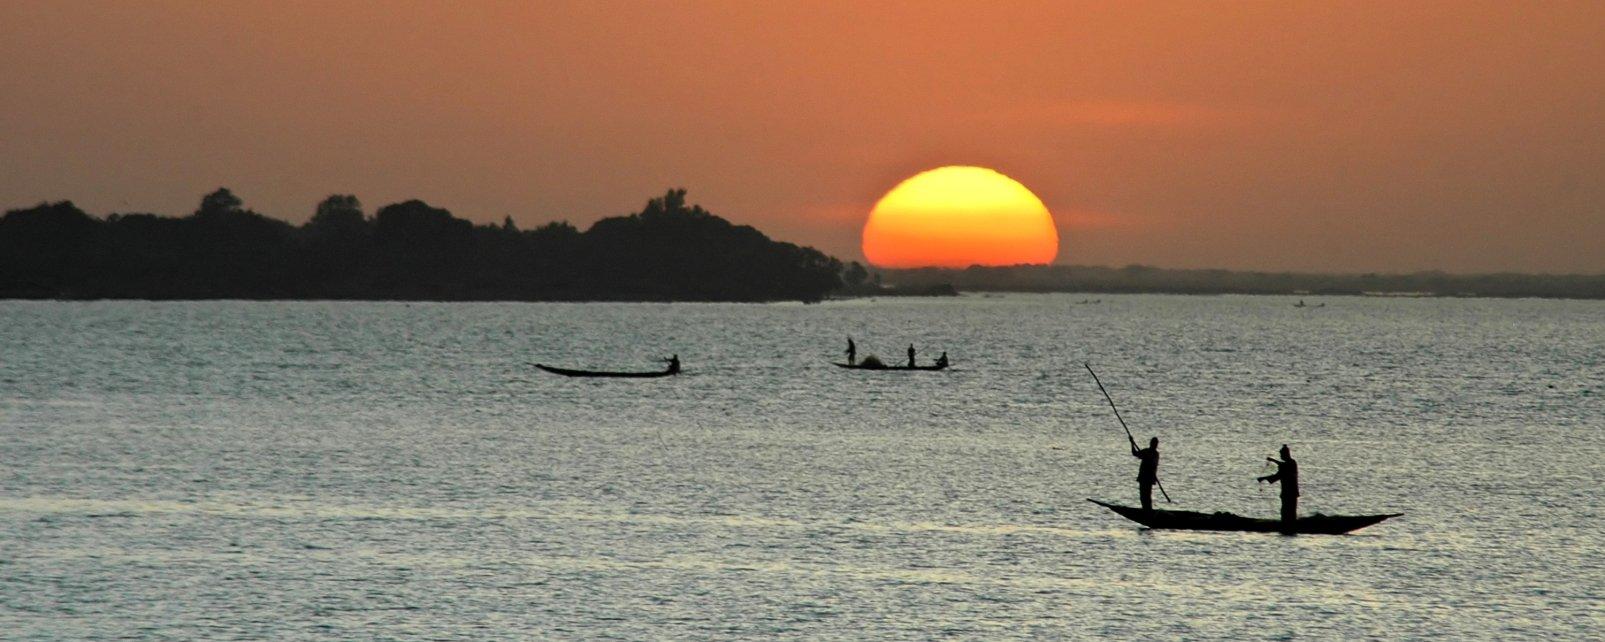 Les paysages, fleuve, niger, afrique, pêche, soleil